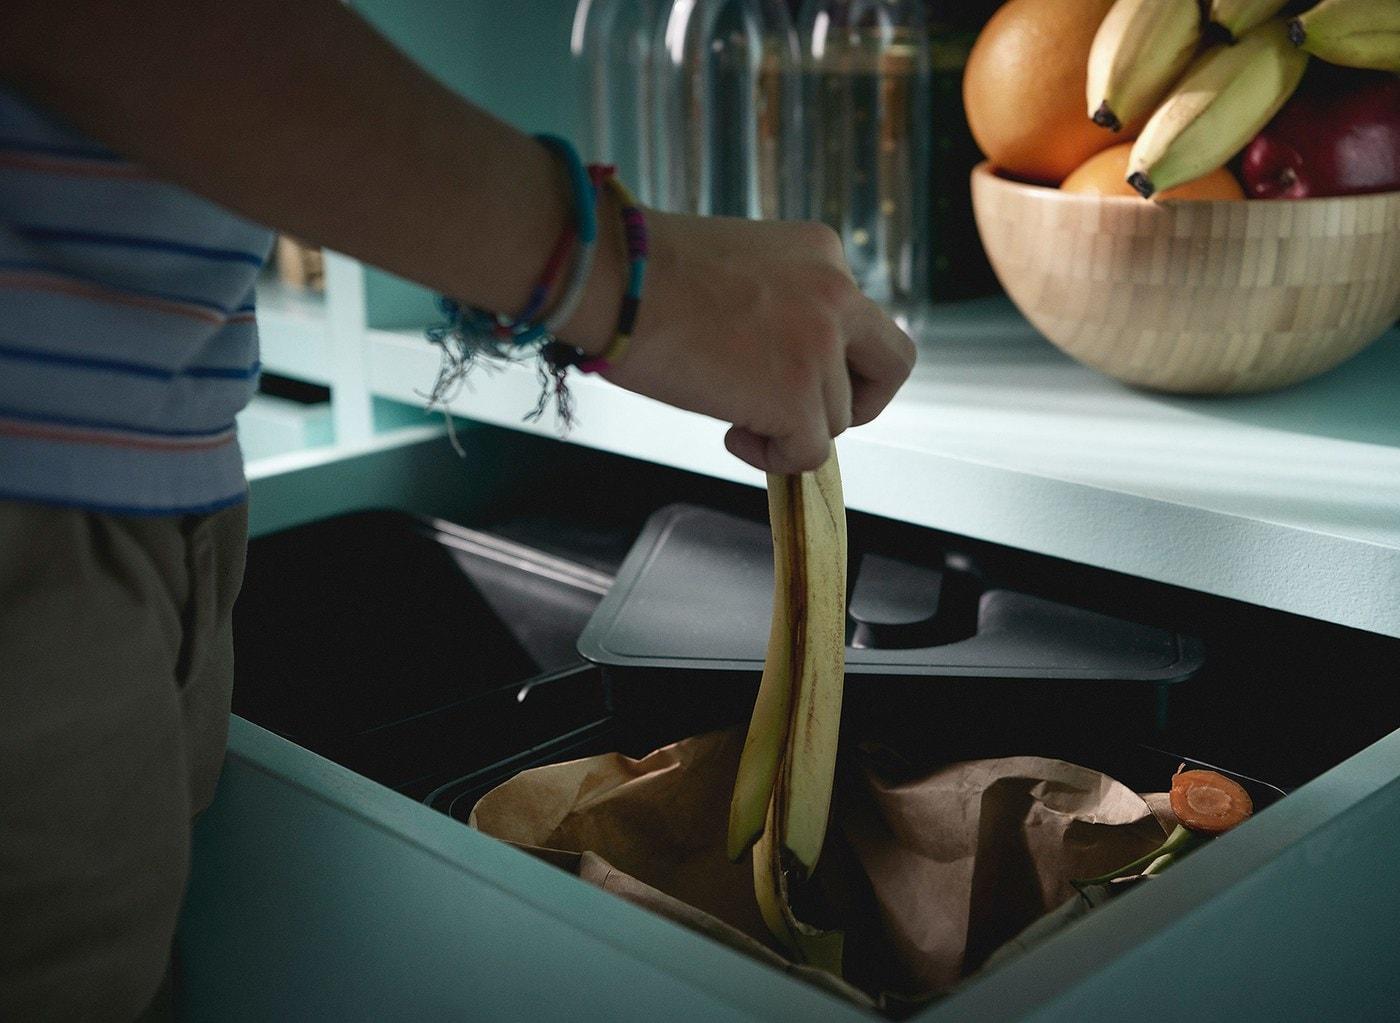 Un ragazzo butta una buccia di banana nel sistema componibile per raccolta differenziata VARIERA.